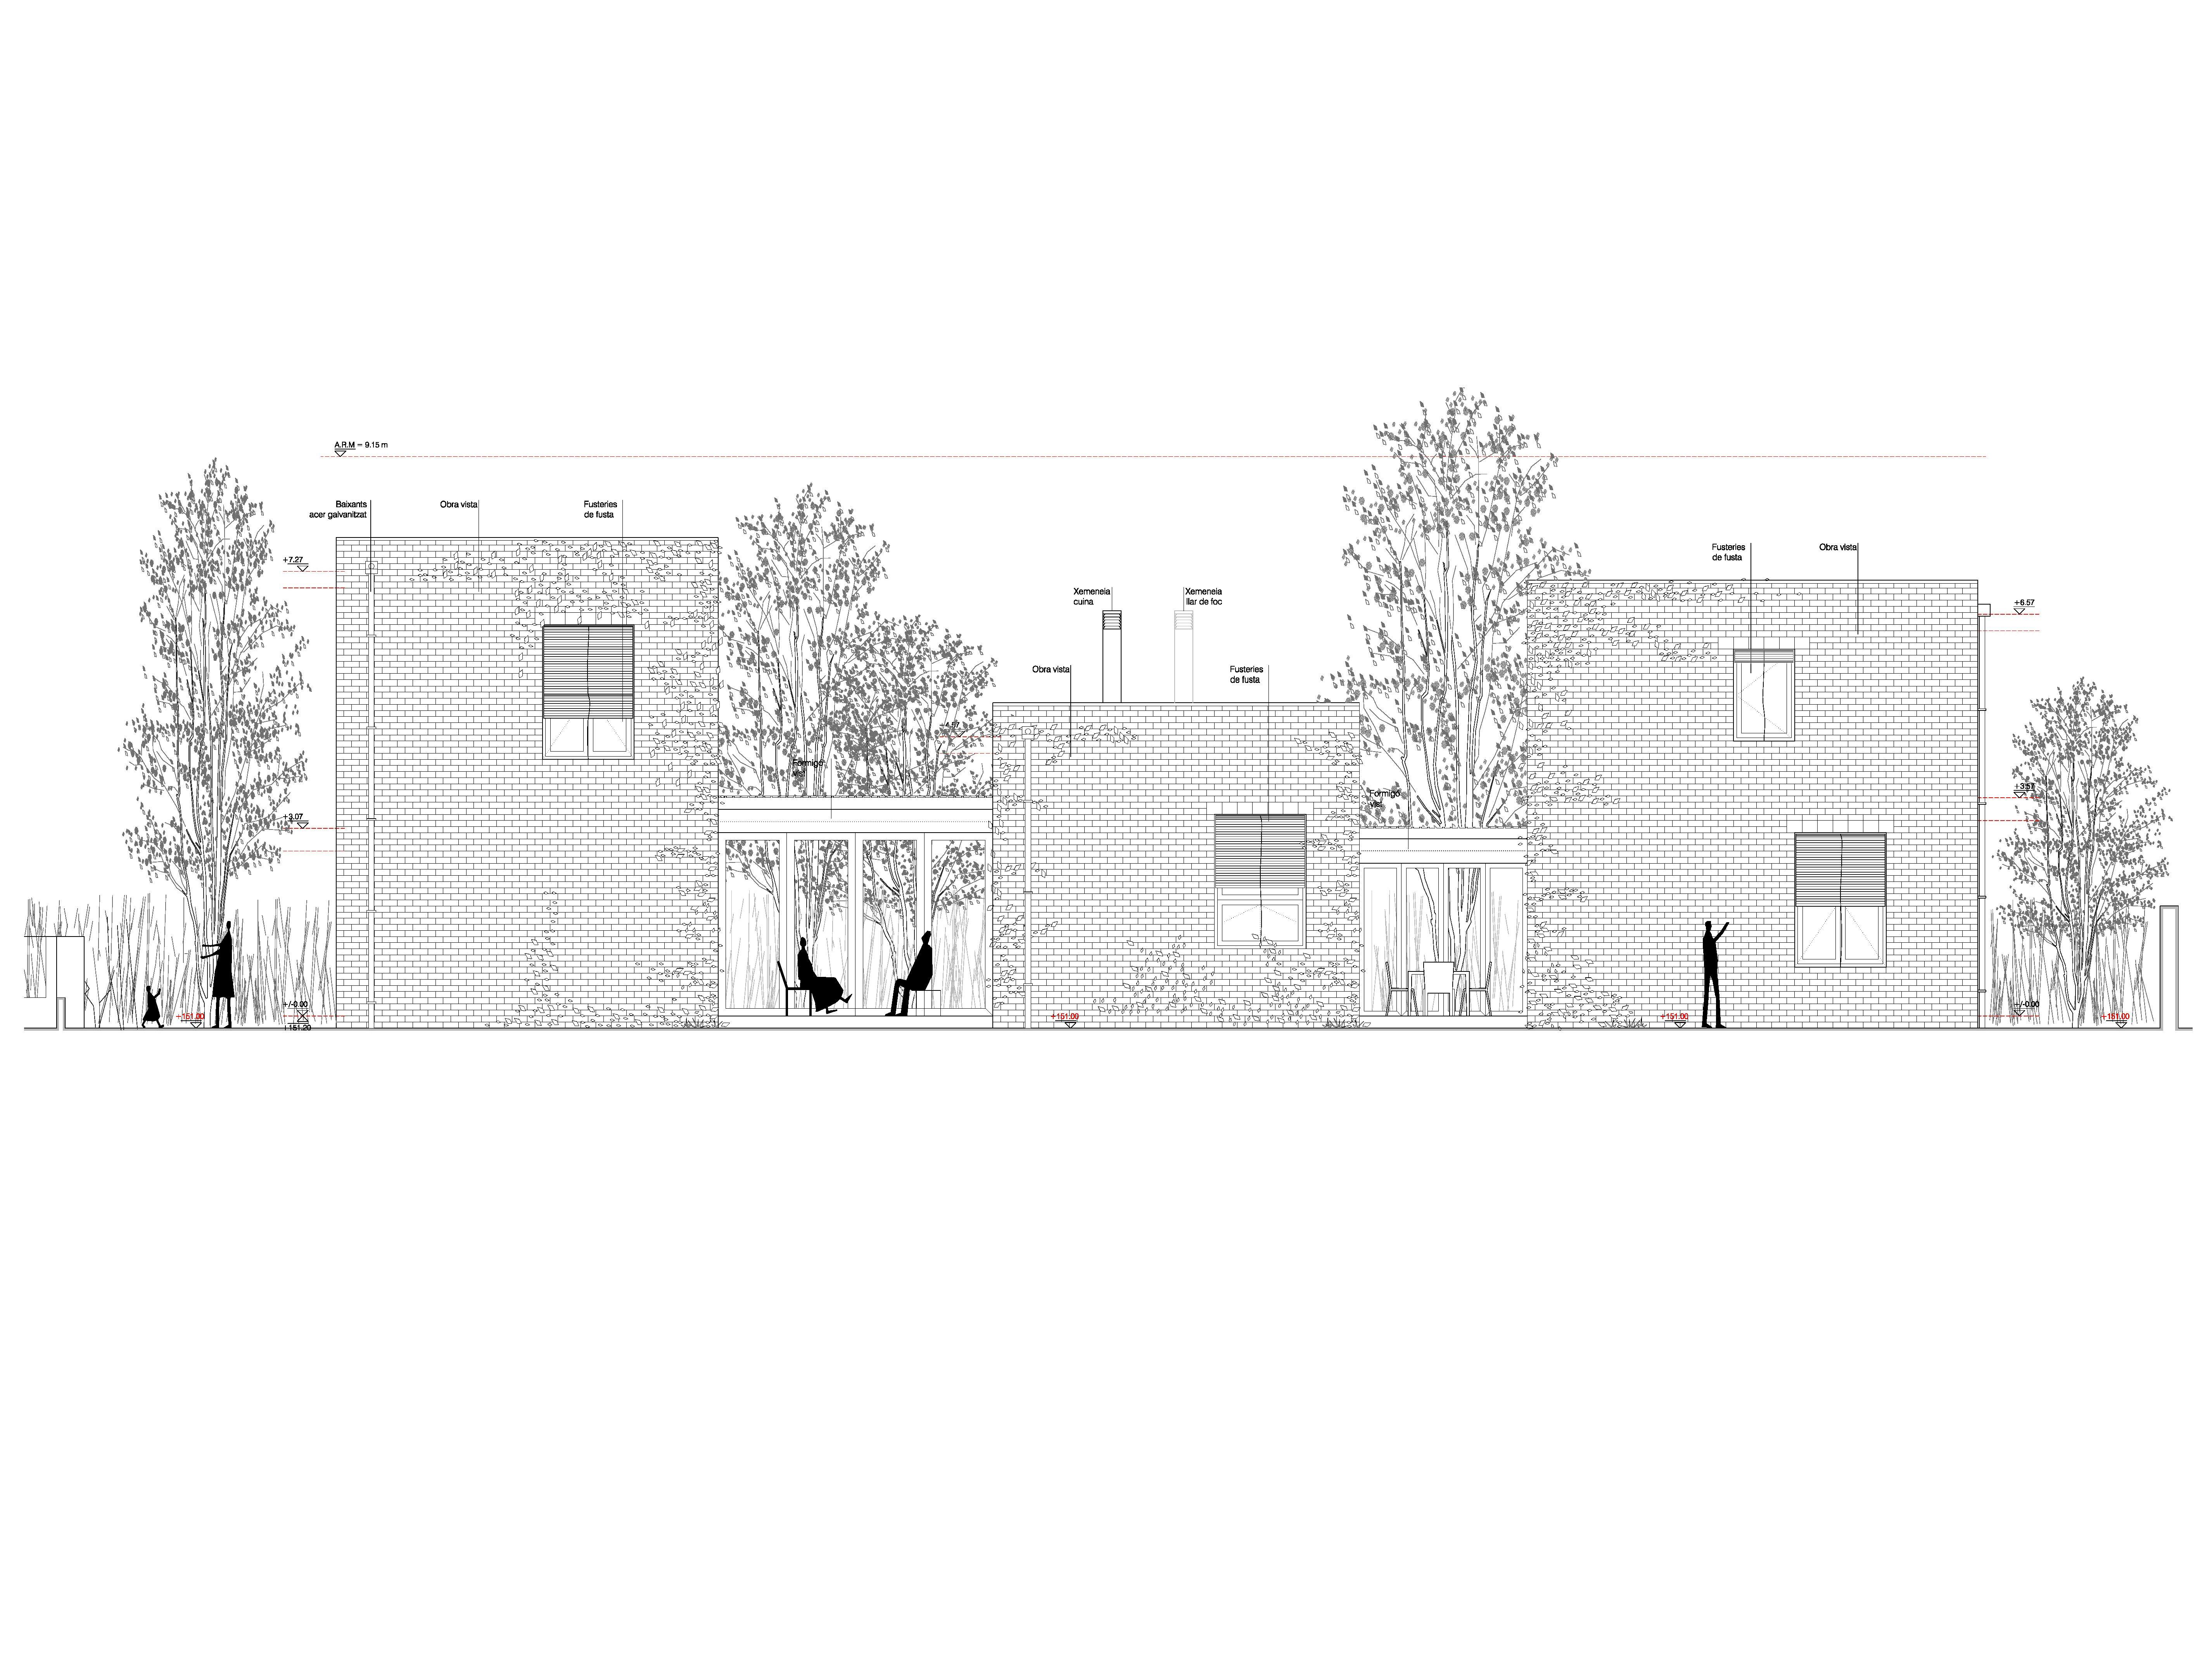 Hic arquitectura h arquitectes casa 1101 sant cugat - Arquitectura sant cugat ...